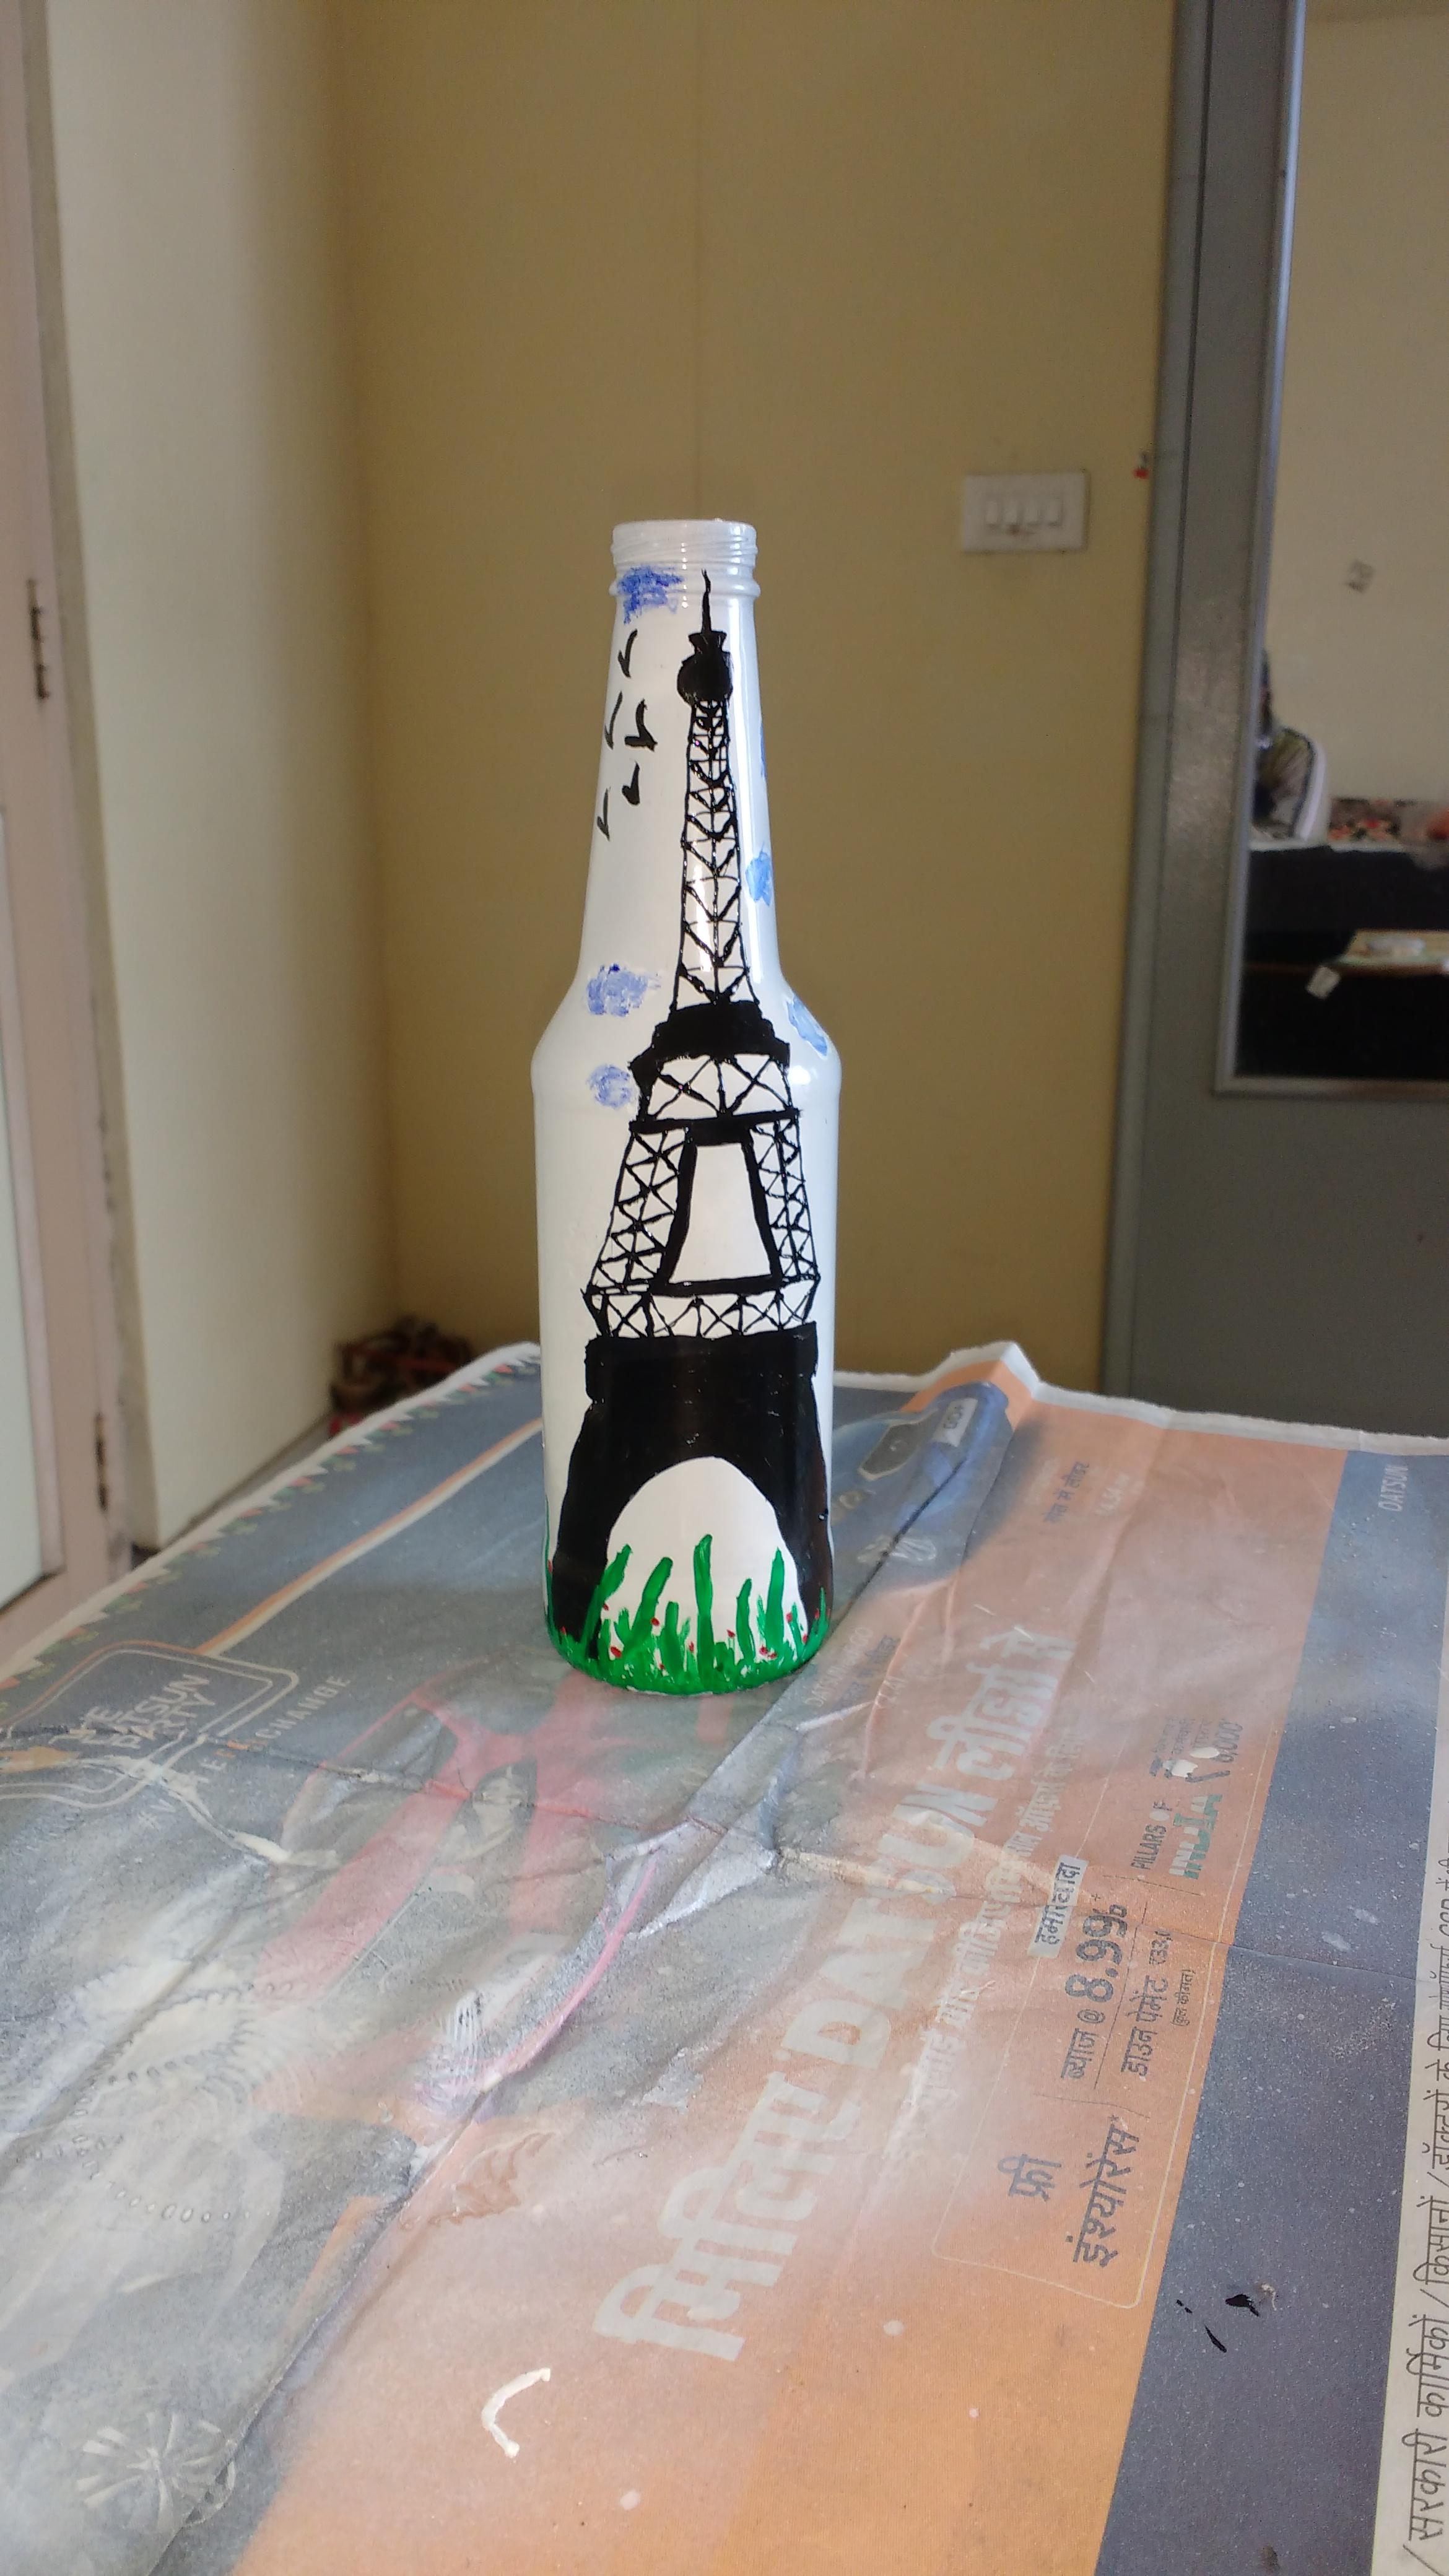 Bottle designing